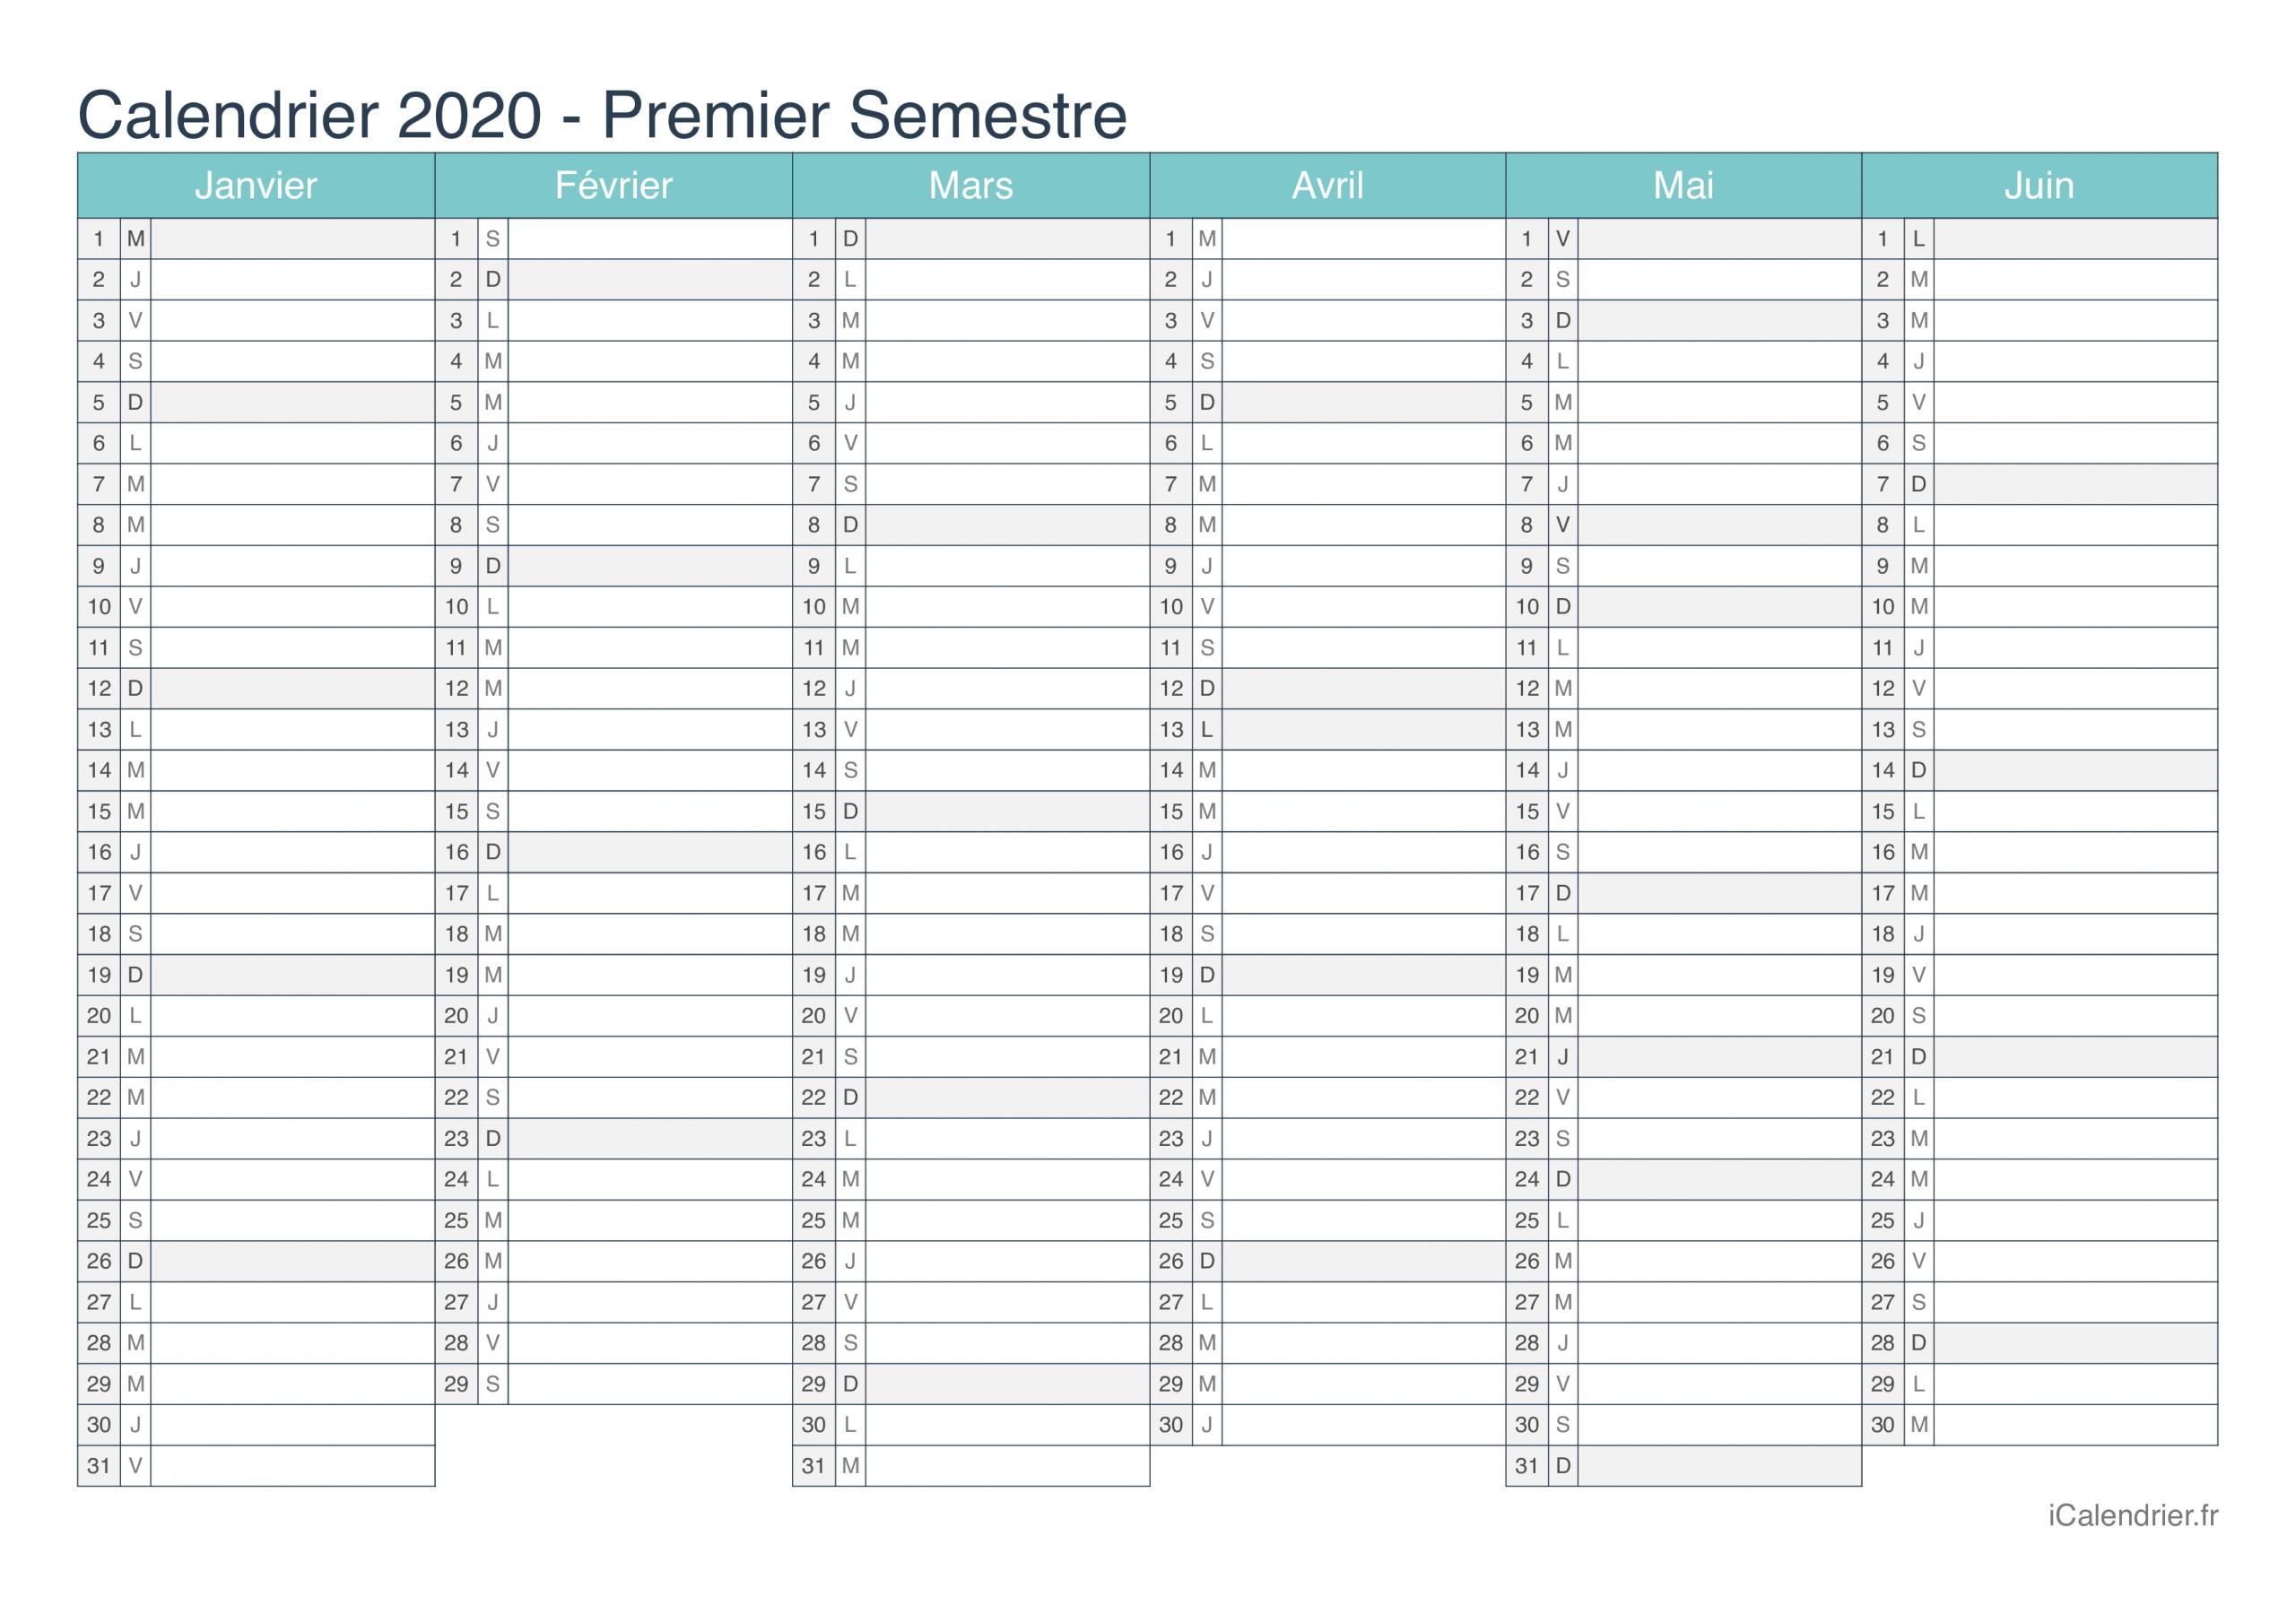 Calendrier 2020 À Imprimer Pdf Et Excel - Icalendrier tout Calendrier En Ligne Gratuit A Imprimer